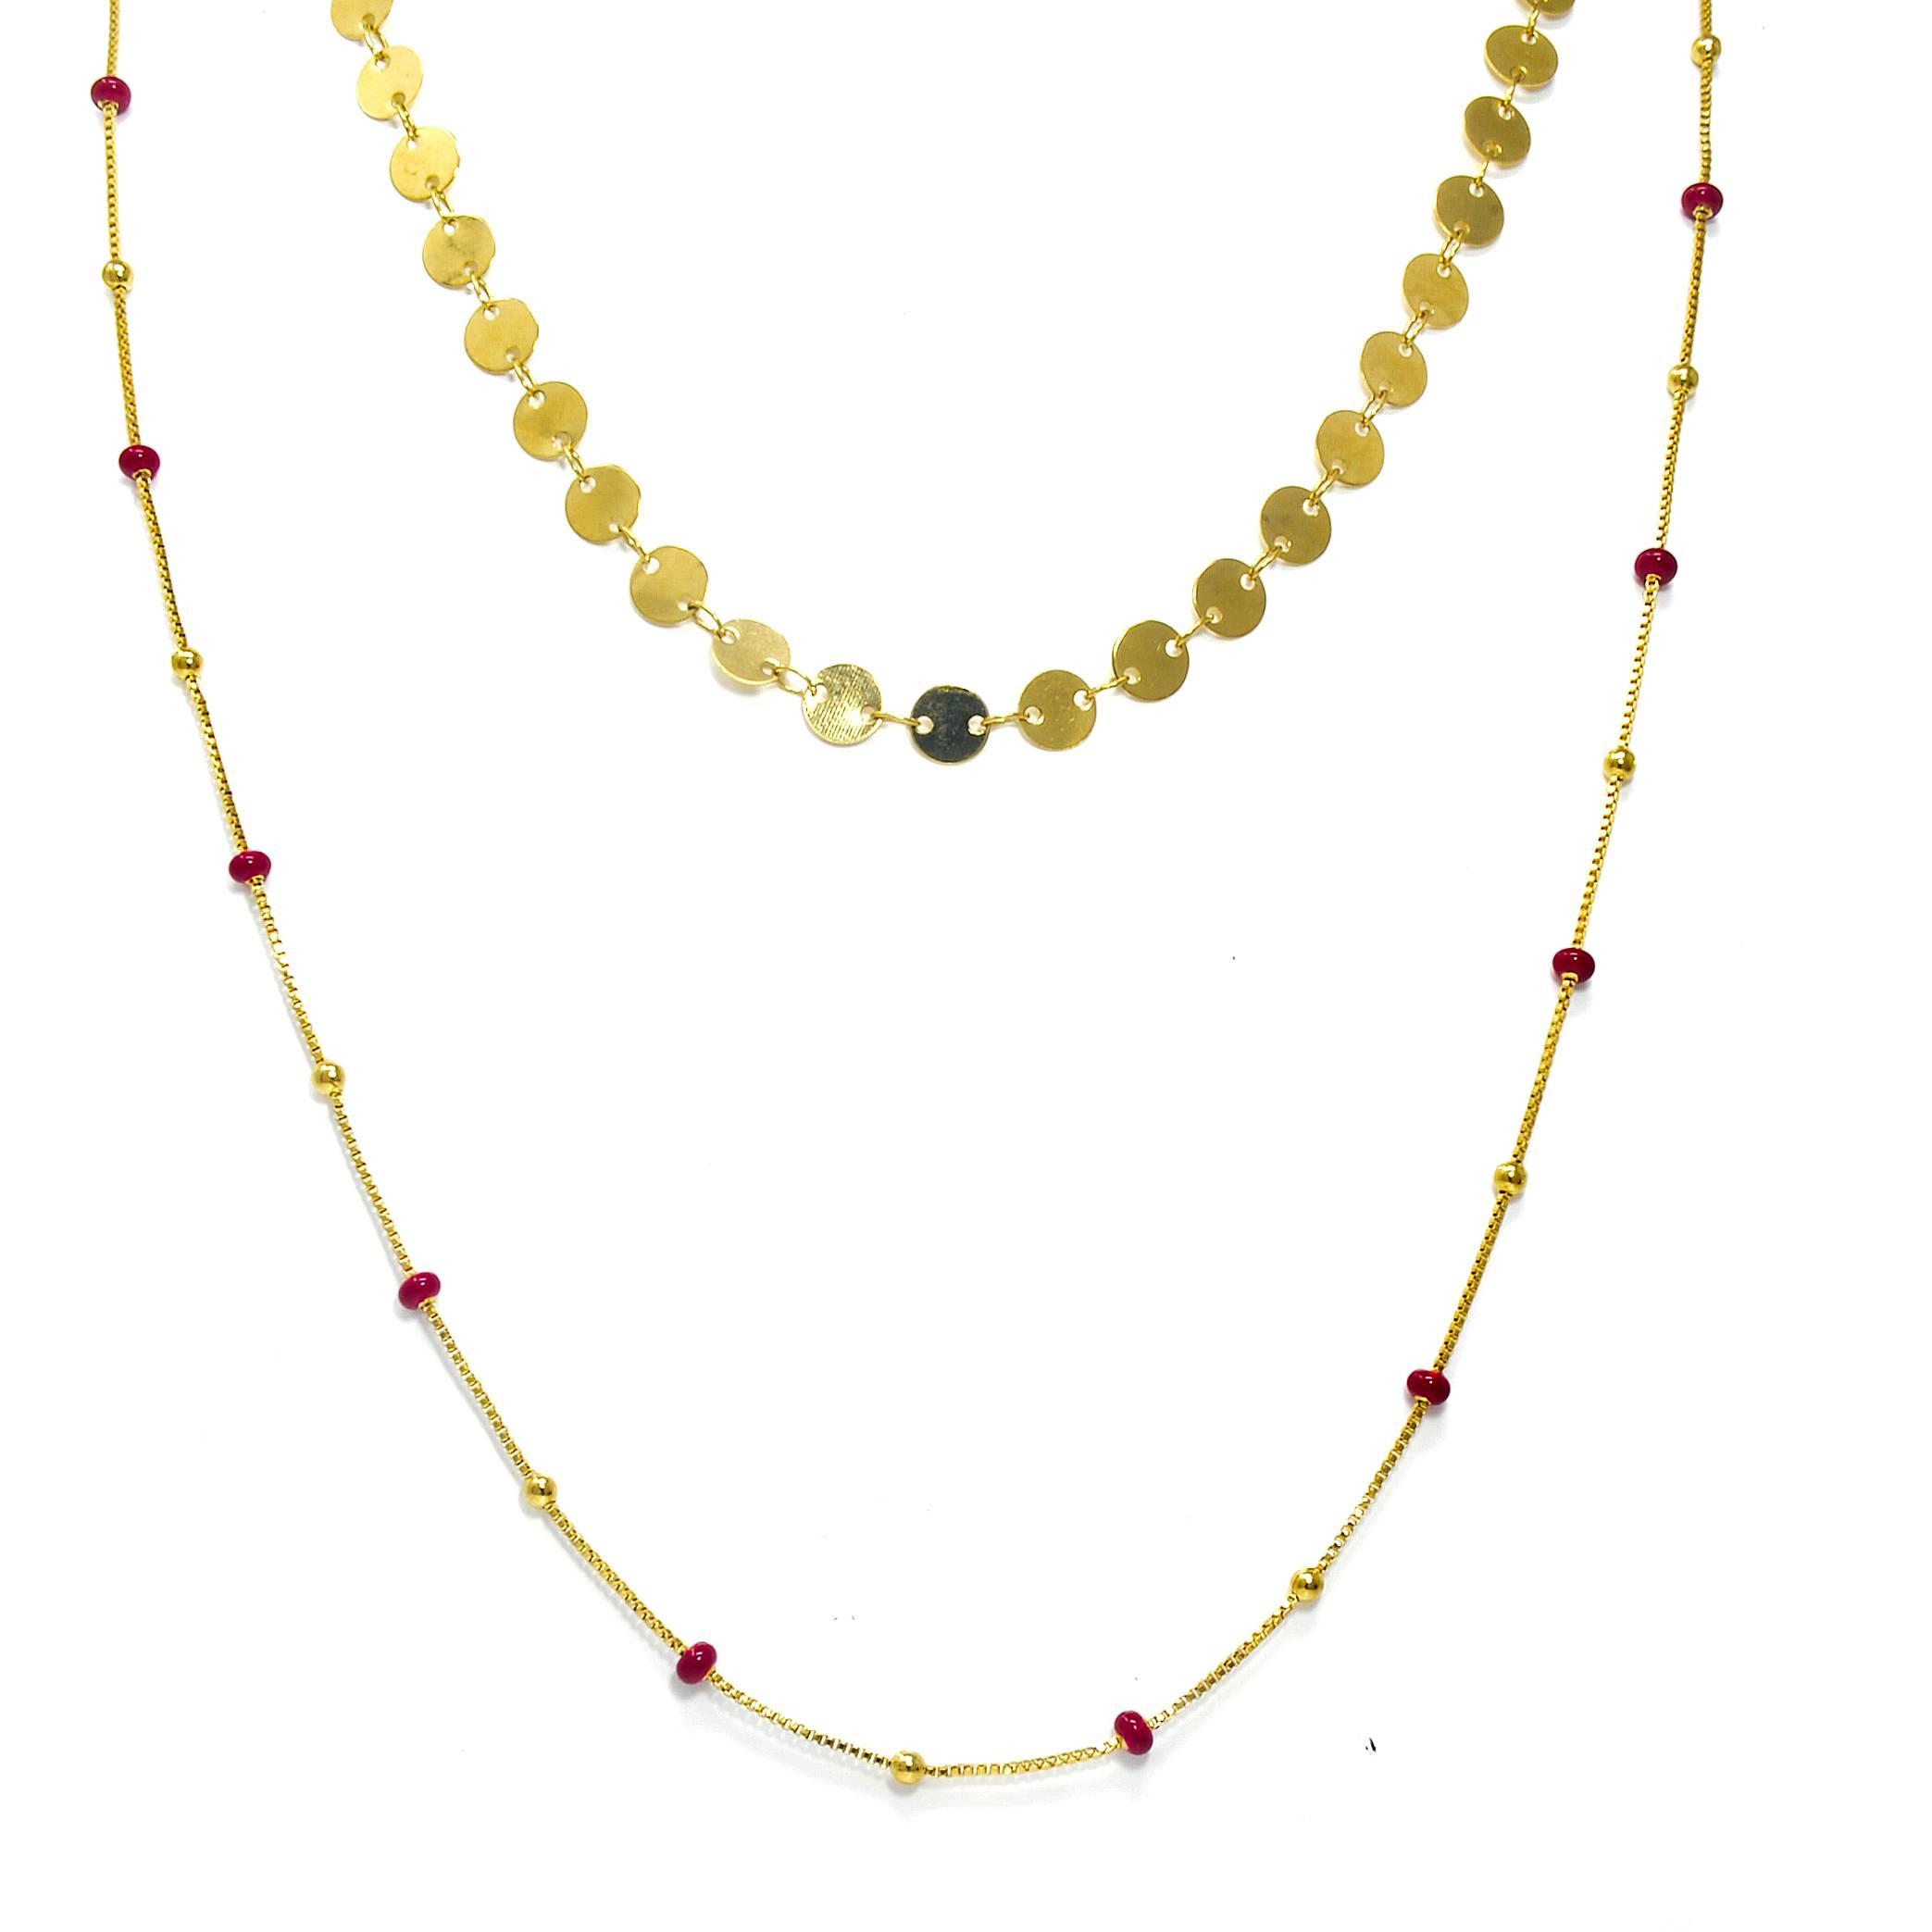 Collier double acier dore perles differente couleurs 45 ET 60CM ROUGE